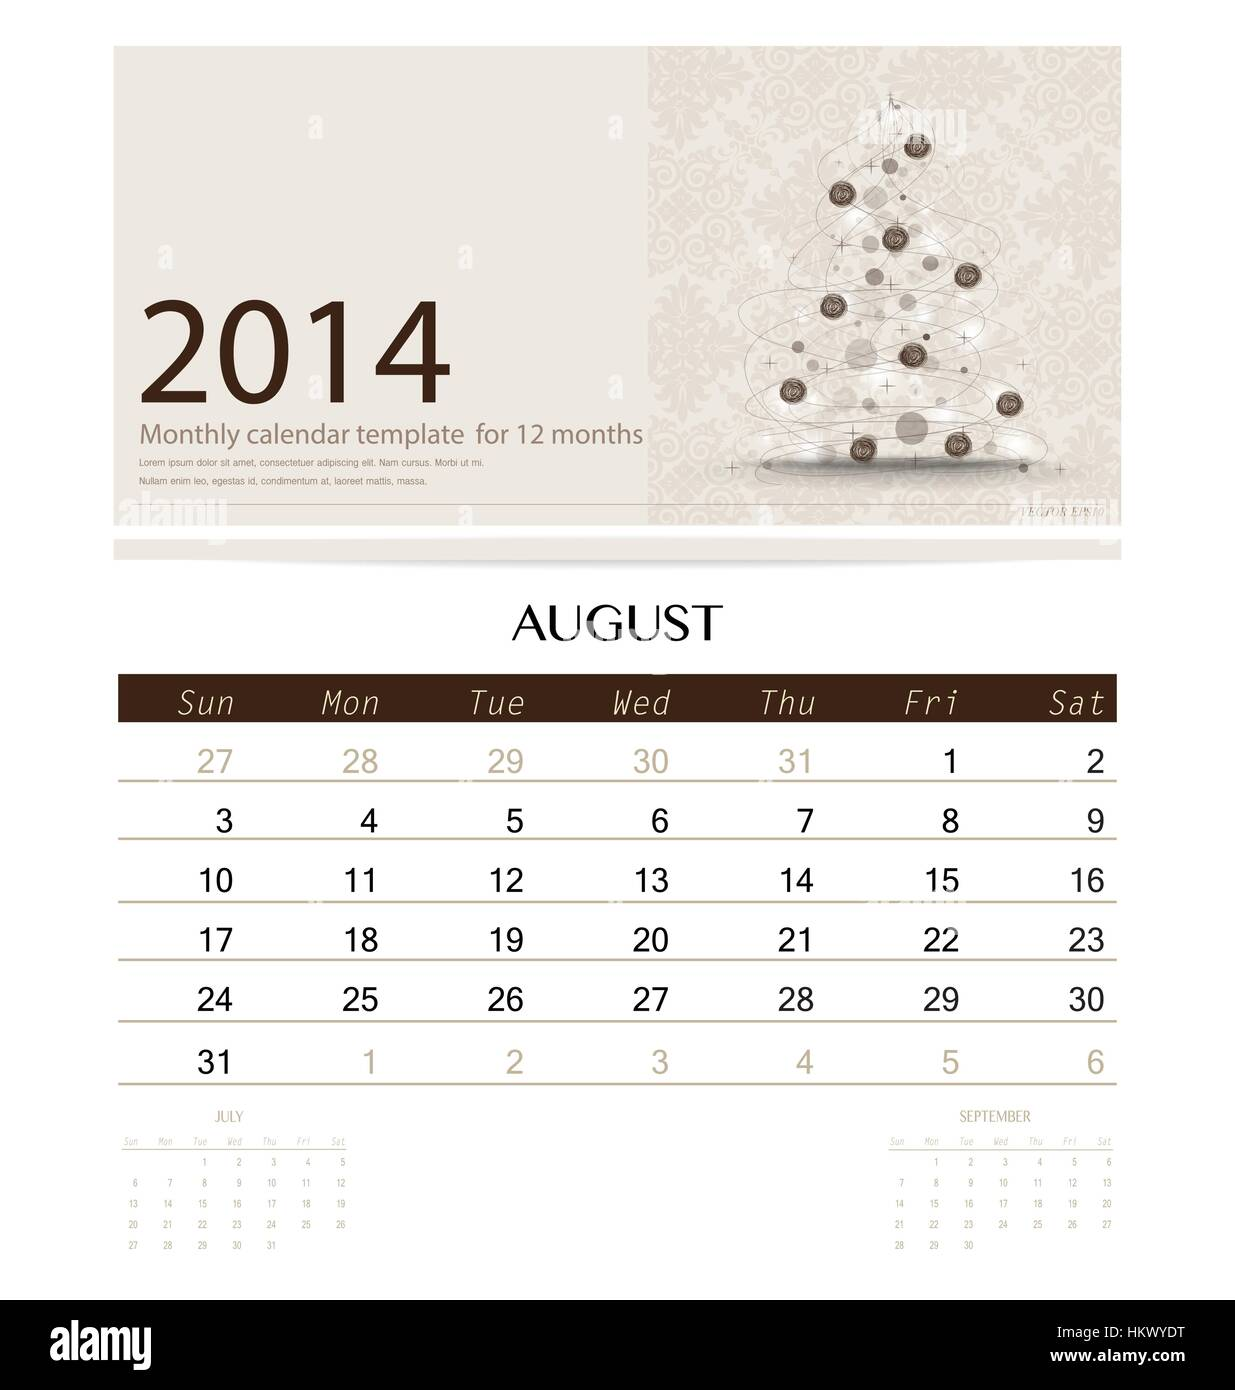 Ausgezeichnet Monatliche Leere Kalendervorlage Galerie - Entry Level ...